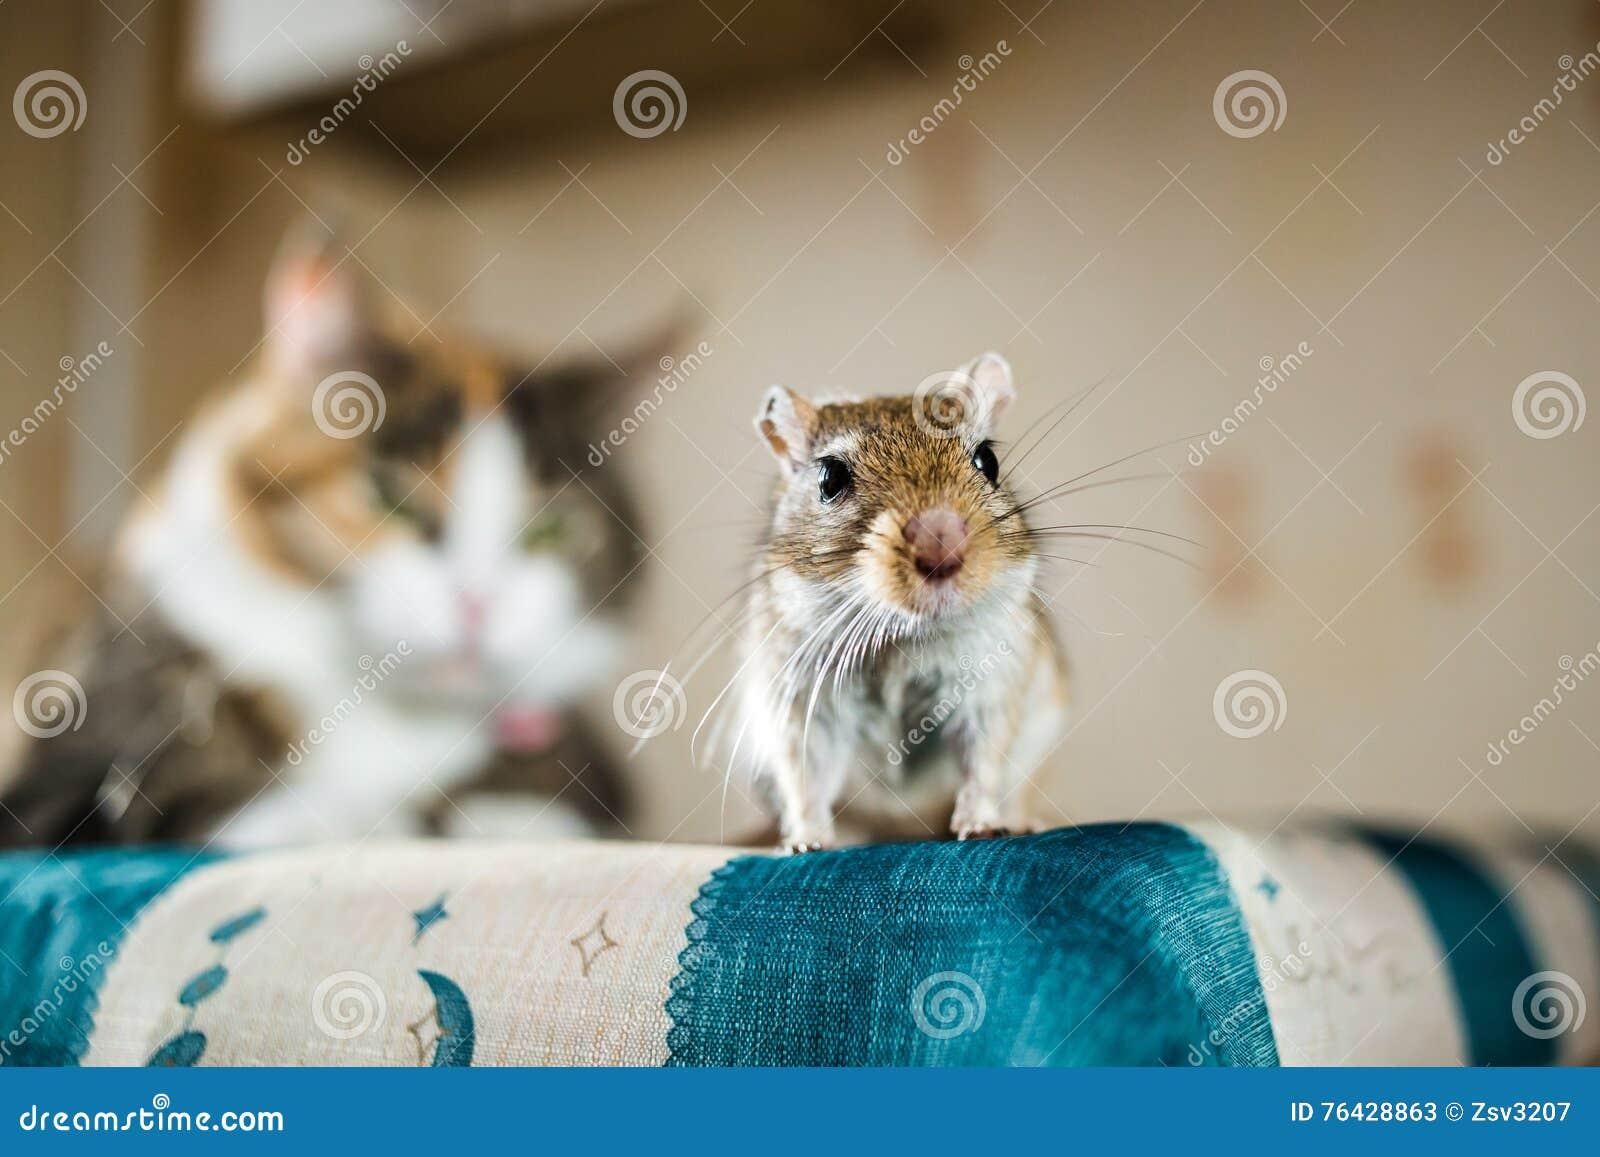 Mongolische Rennmausmaus und die Katze auf Hintergrund Konzepte des Opfers, Lebensmittel, Plage, Wechselbeziehung, Hilfe, Gefahr